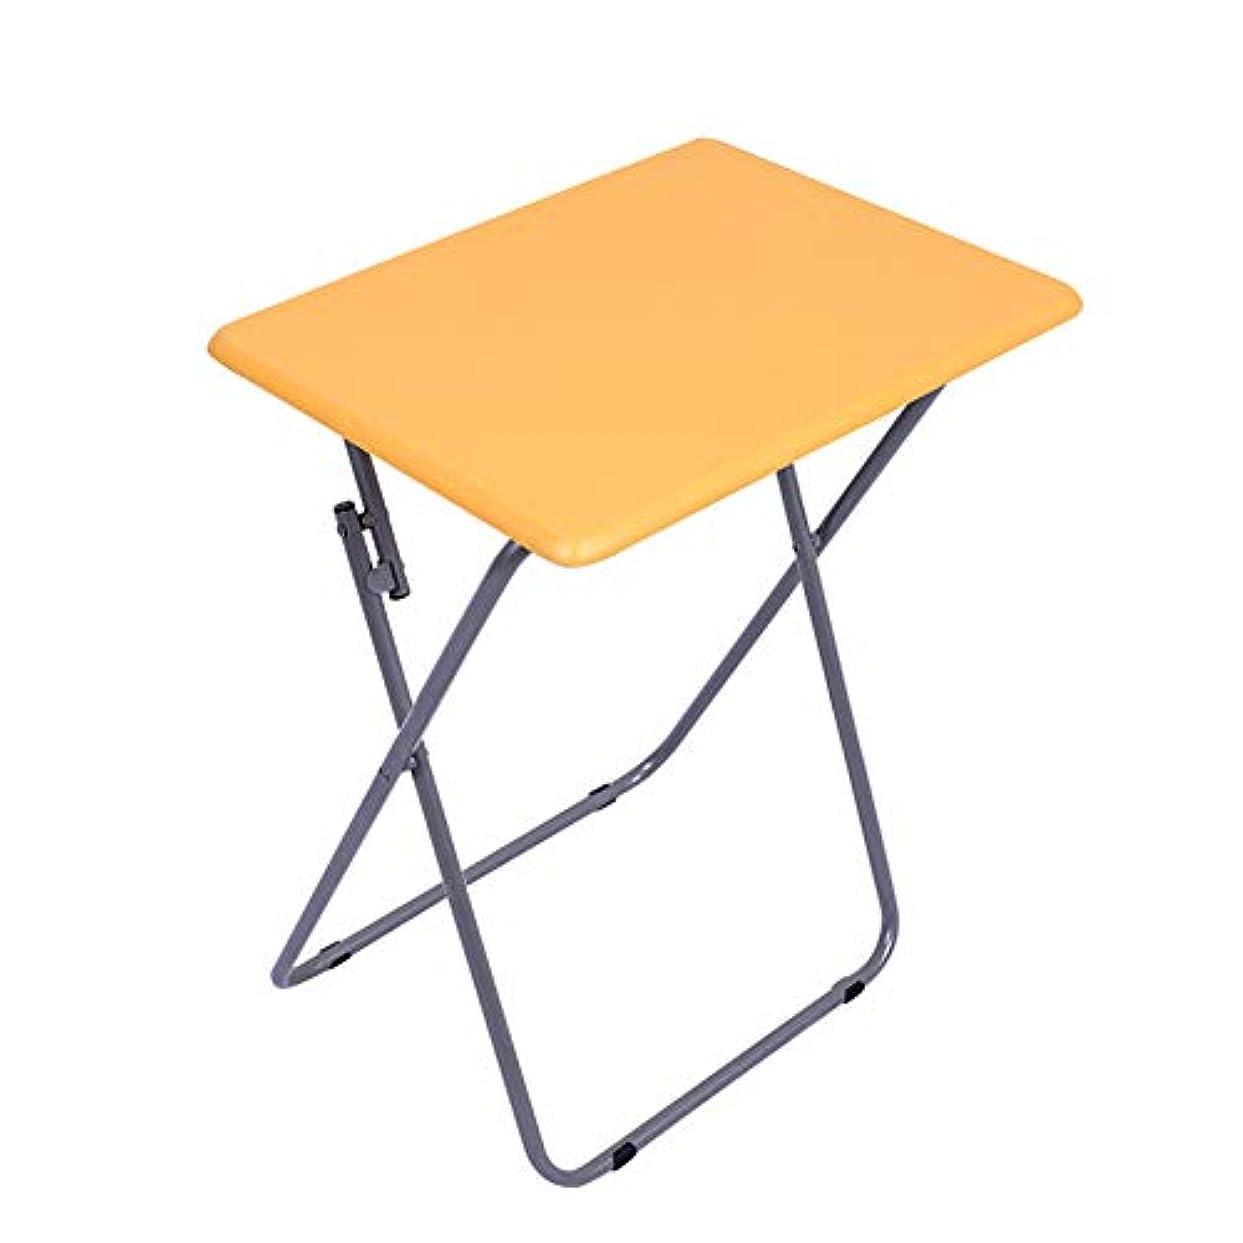 ツイン南愛情折り畳みテーブル アウトドア キャンプ ラップトップテーブル、 多機能 ポータブル ピクニック バーベキュー ダイニングテーブル、 屋内 オフィス,Orange,48*38*66Cm